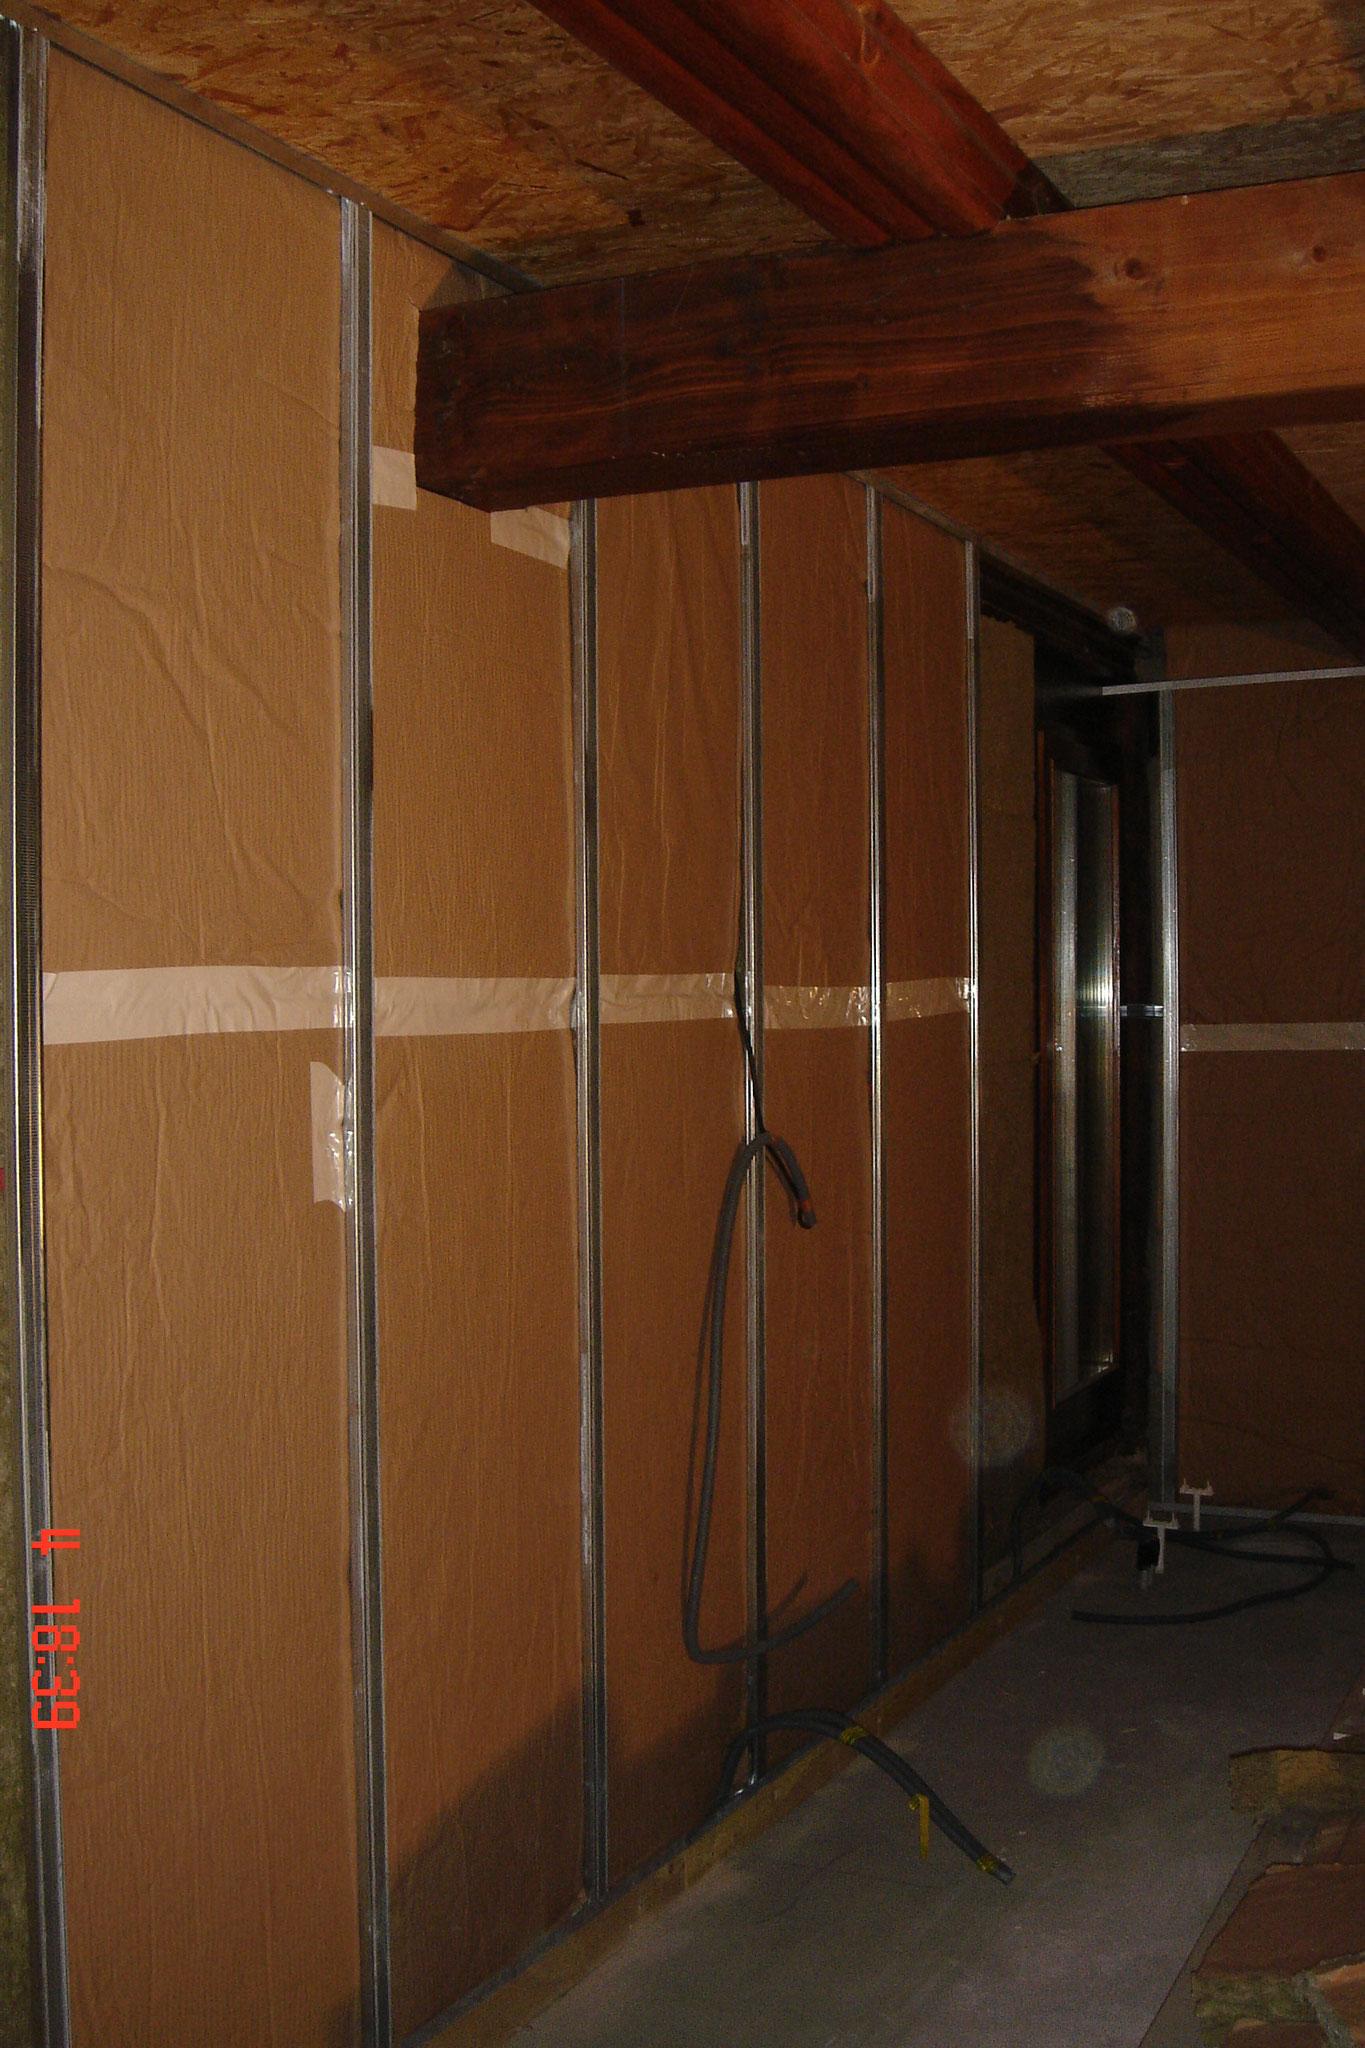 Une isolation sous ossature métallique Le système Optima Isover vous permet d'améliorer le confort thermique et acoustique lors de la rénovation des pièces d'une maison Strasbourg 67 Activ Renovation